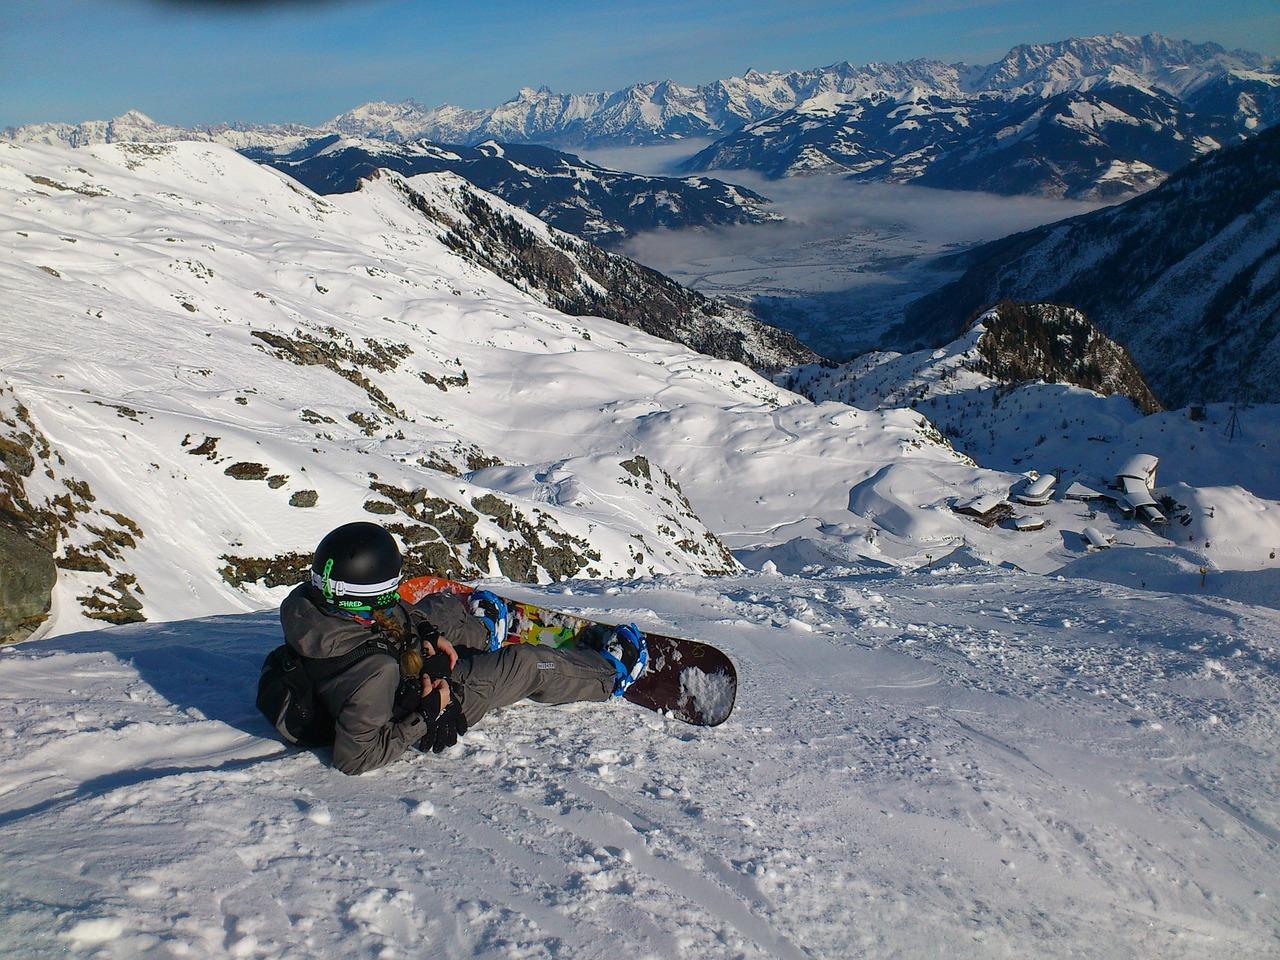 Mit dem Snowboard auf den Pisten © pixabay